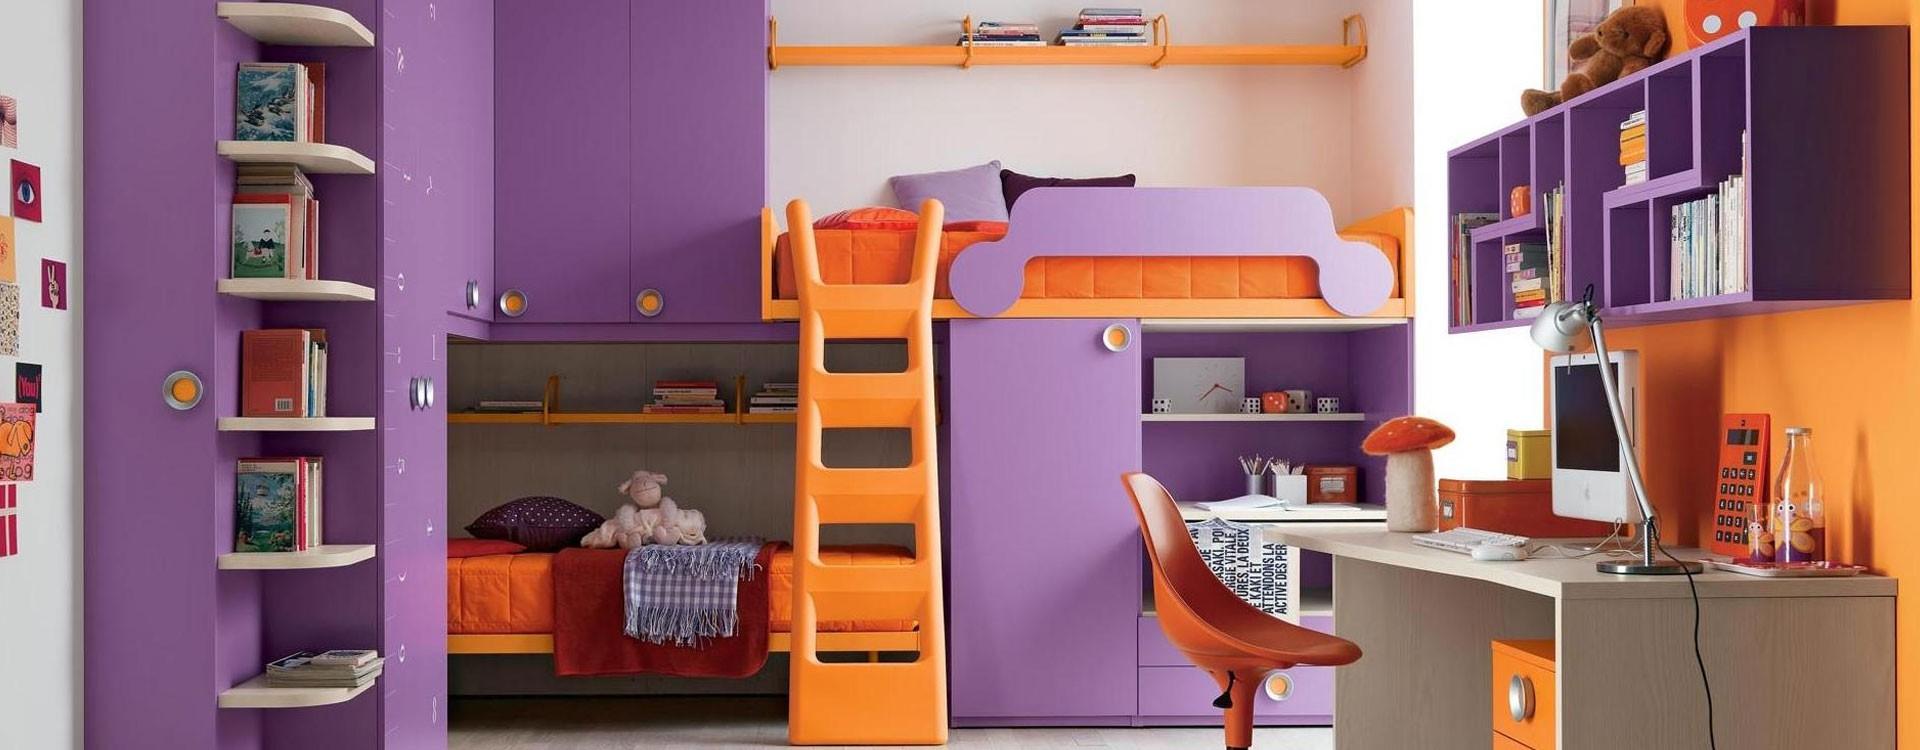 زیباترین مدل های دکوراسیون اتاق کودک از چه المان های تشکیل می شود.